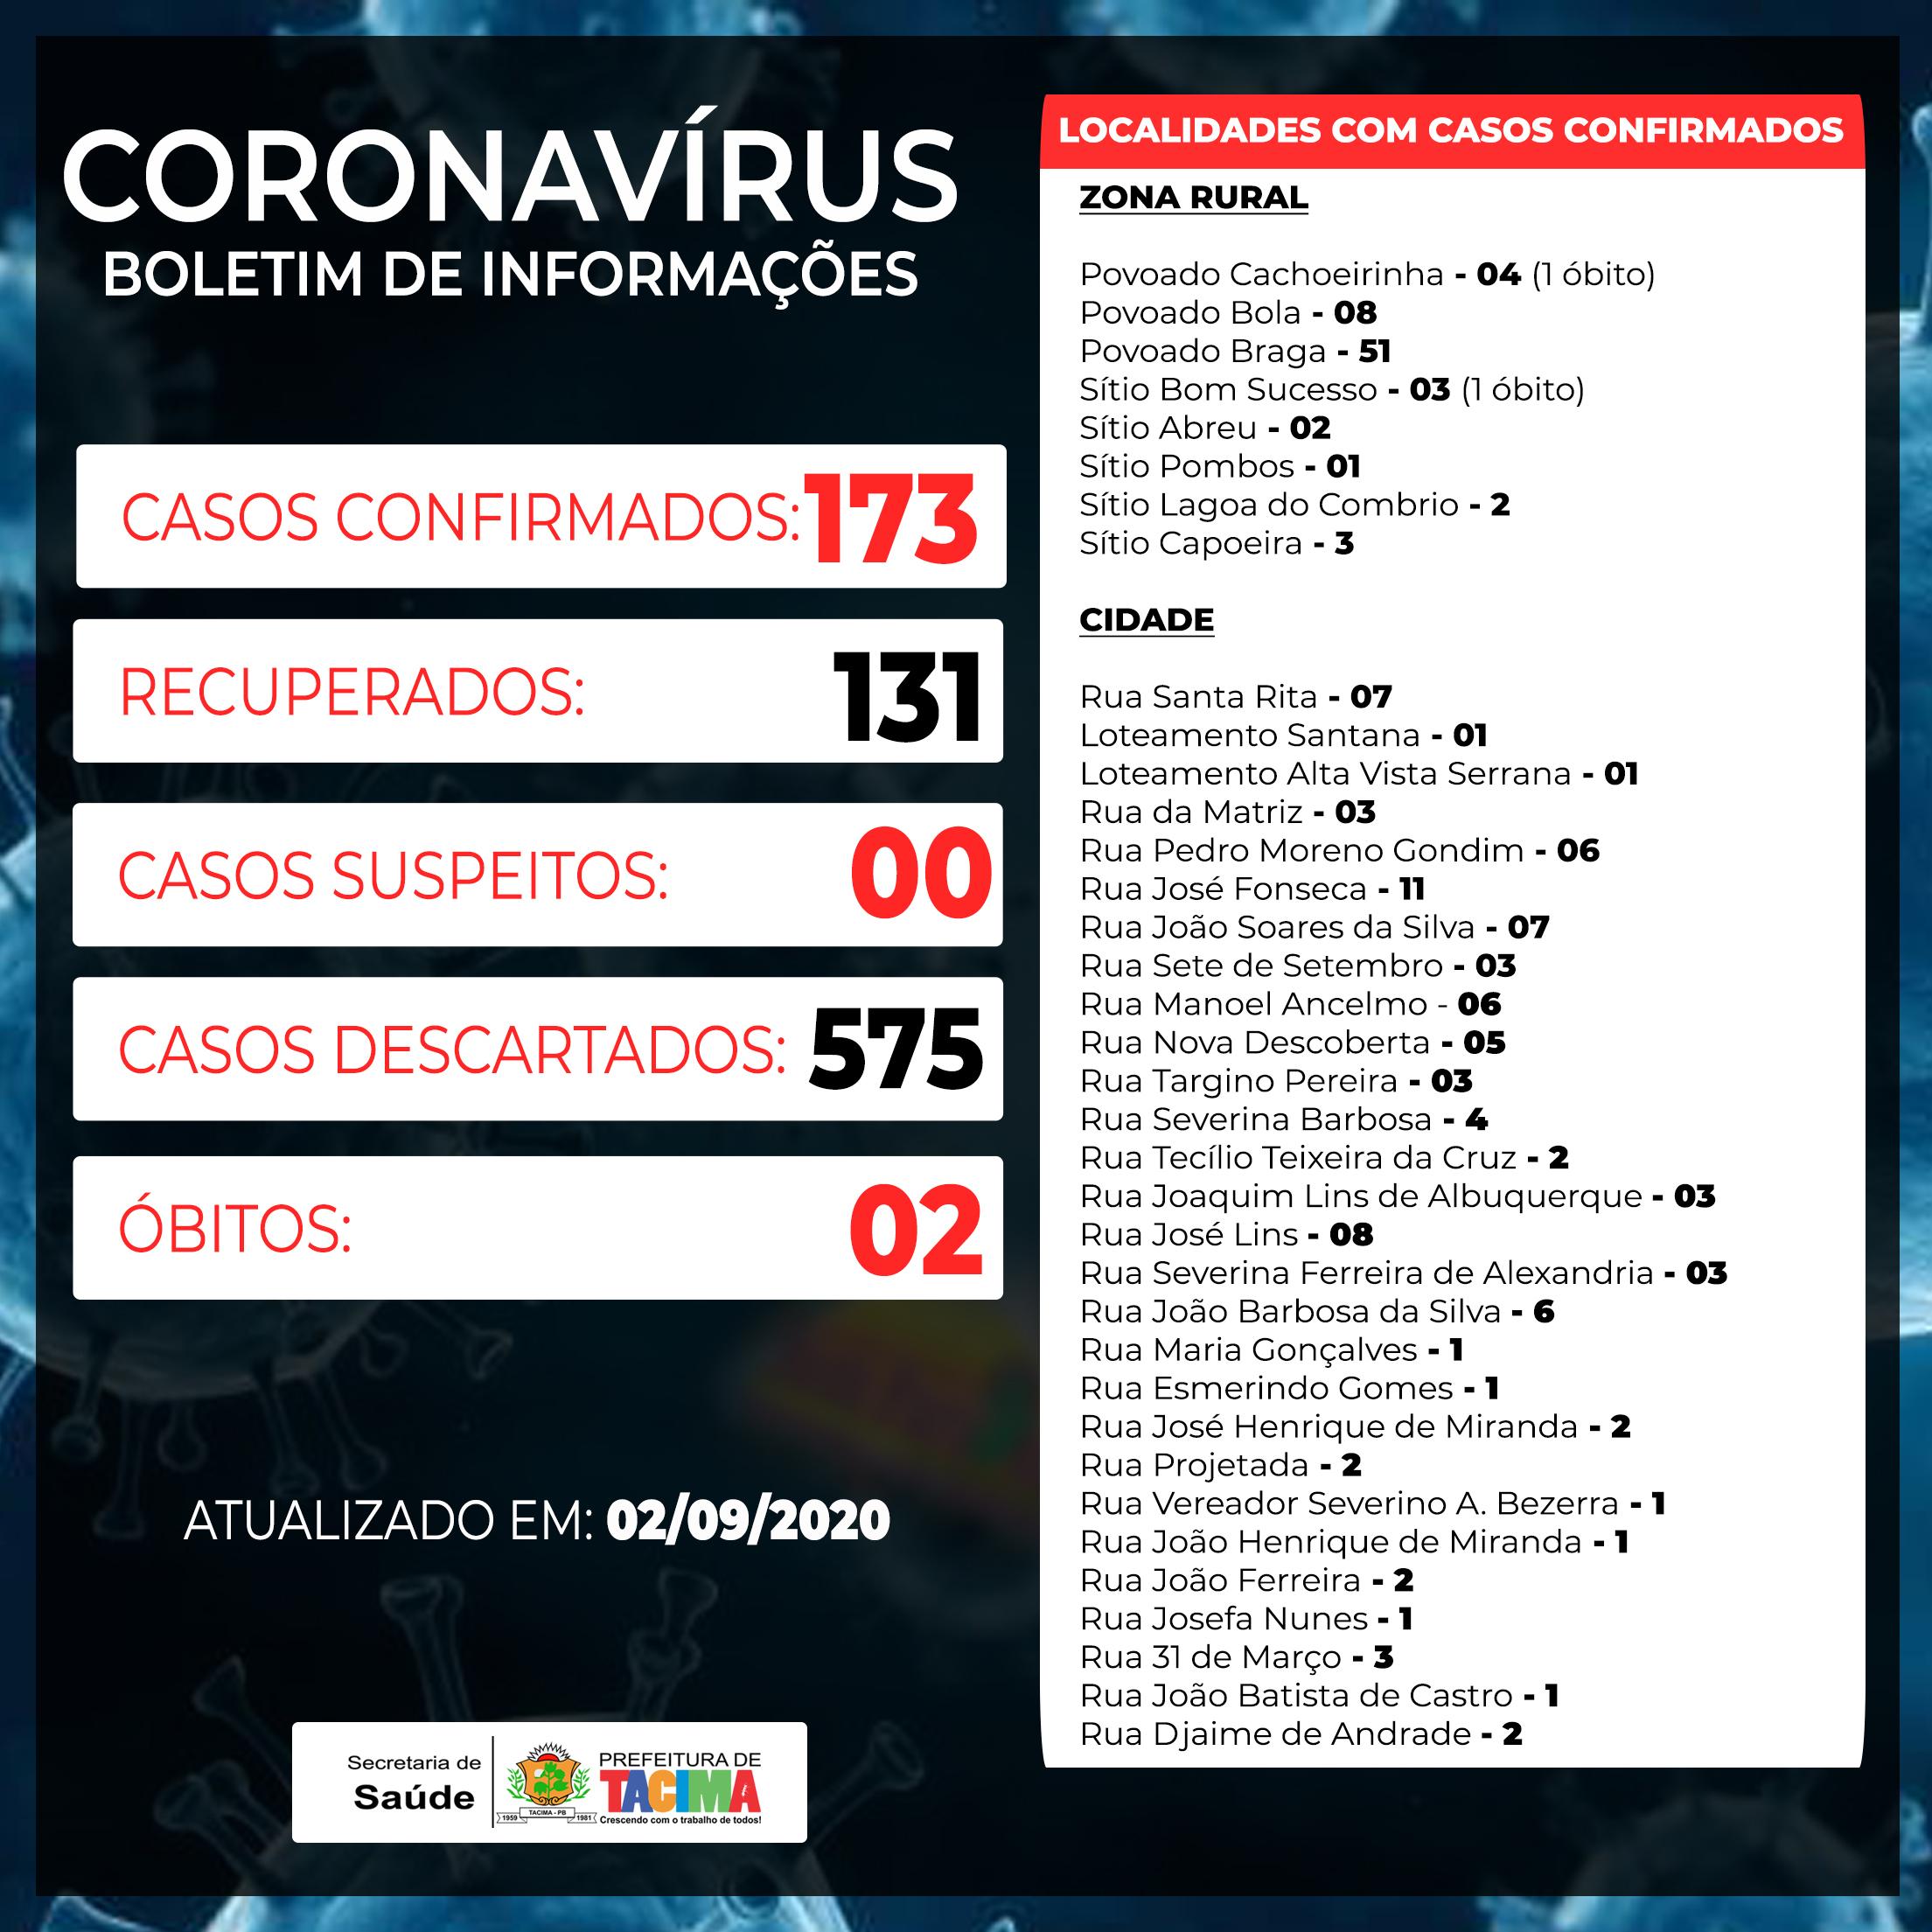 Boletim de informações Covid-19 no município de Tacima de 02 de setembro de 2020